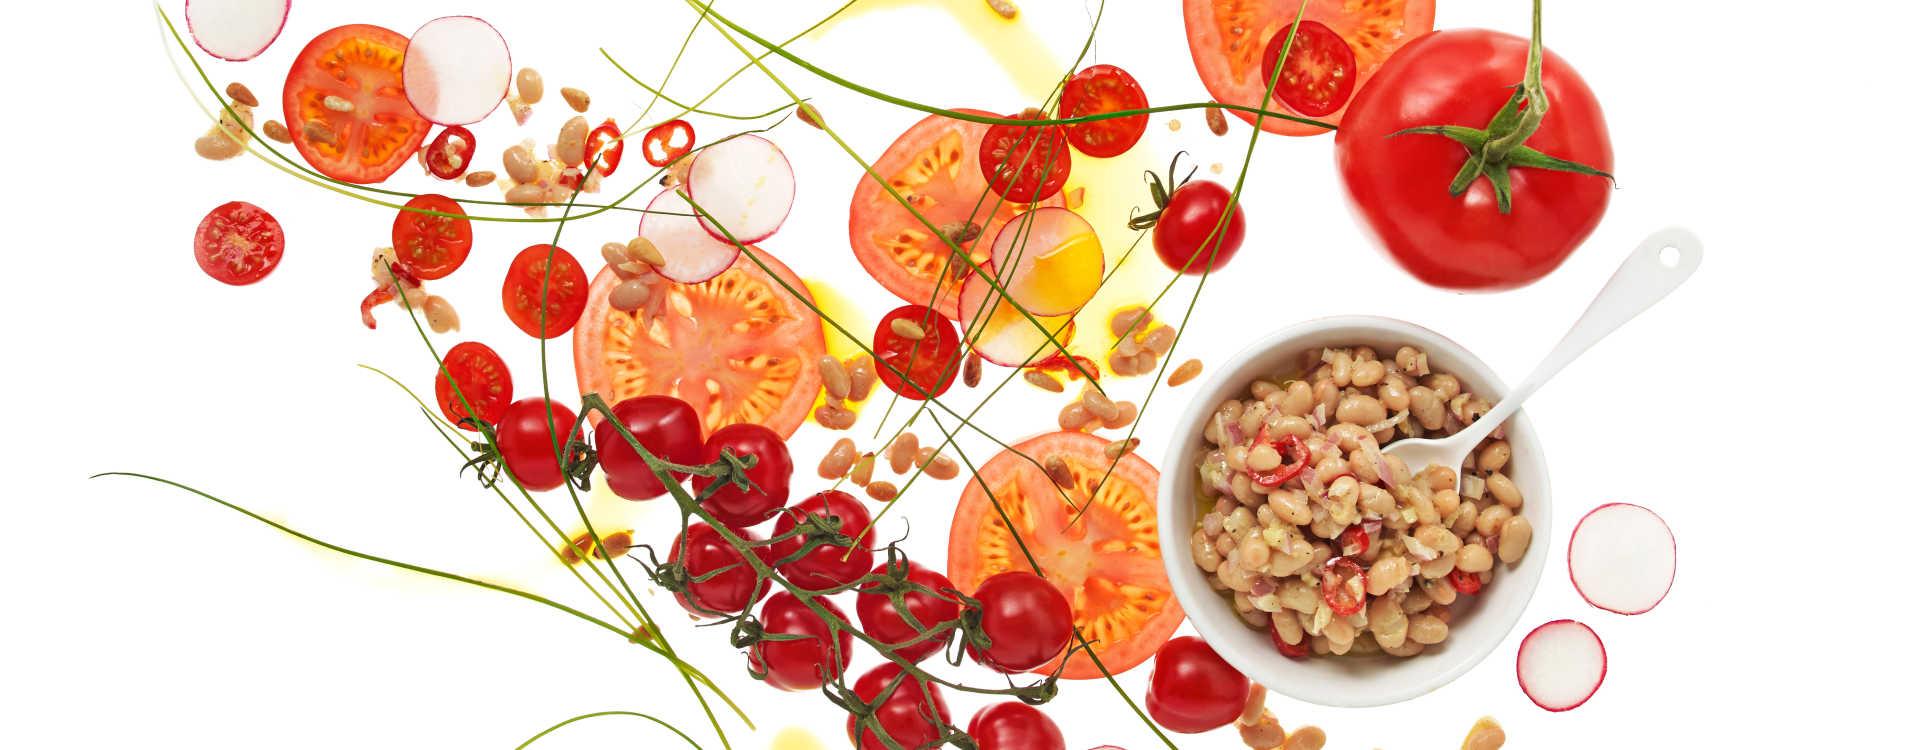 Spicy tomatsalat